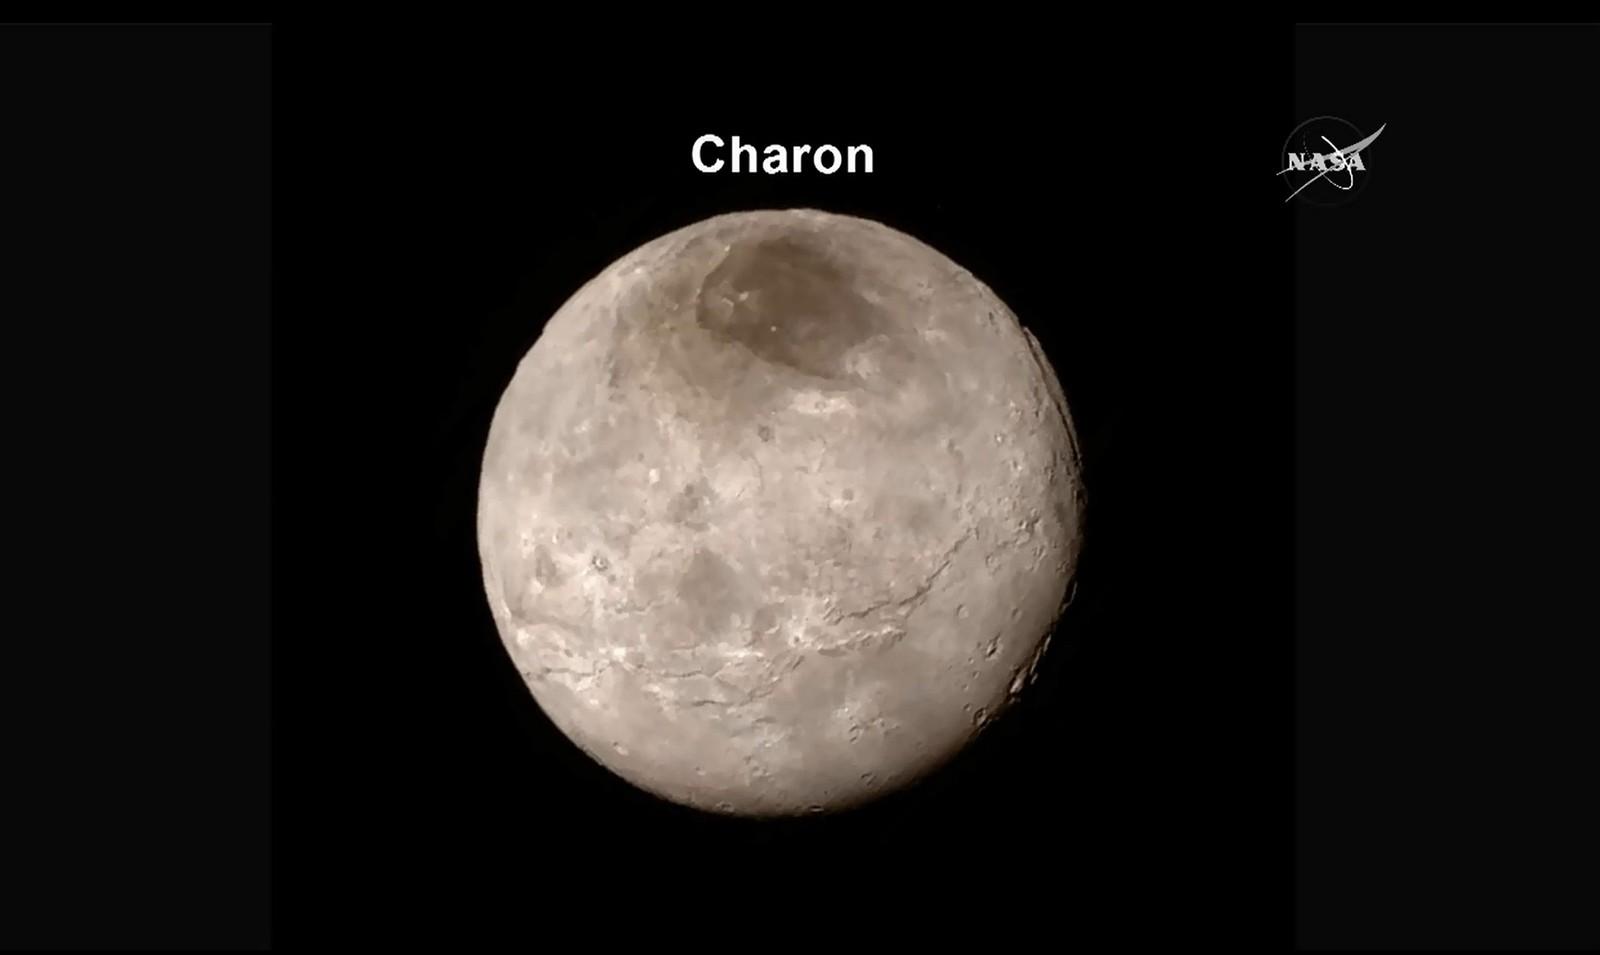 Dette er et detaljert bilde av månen Charon.